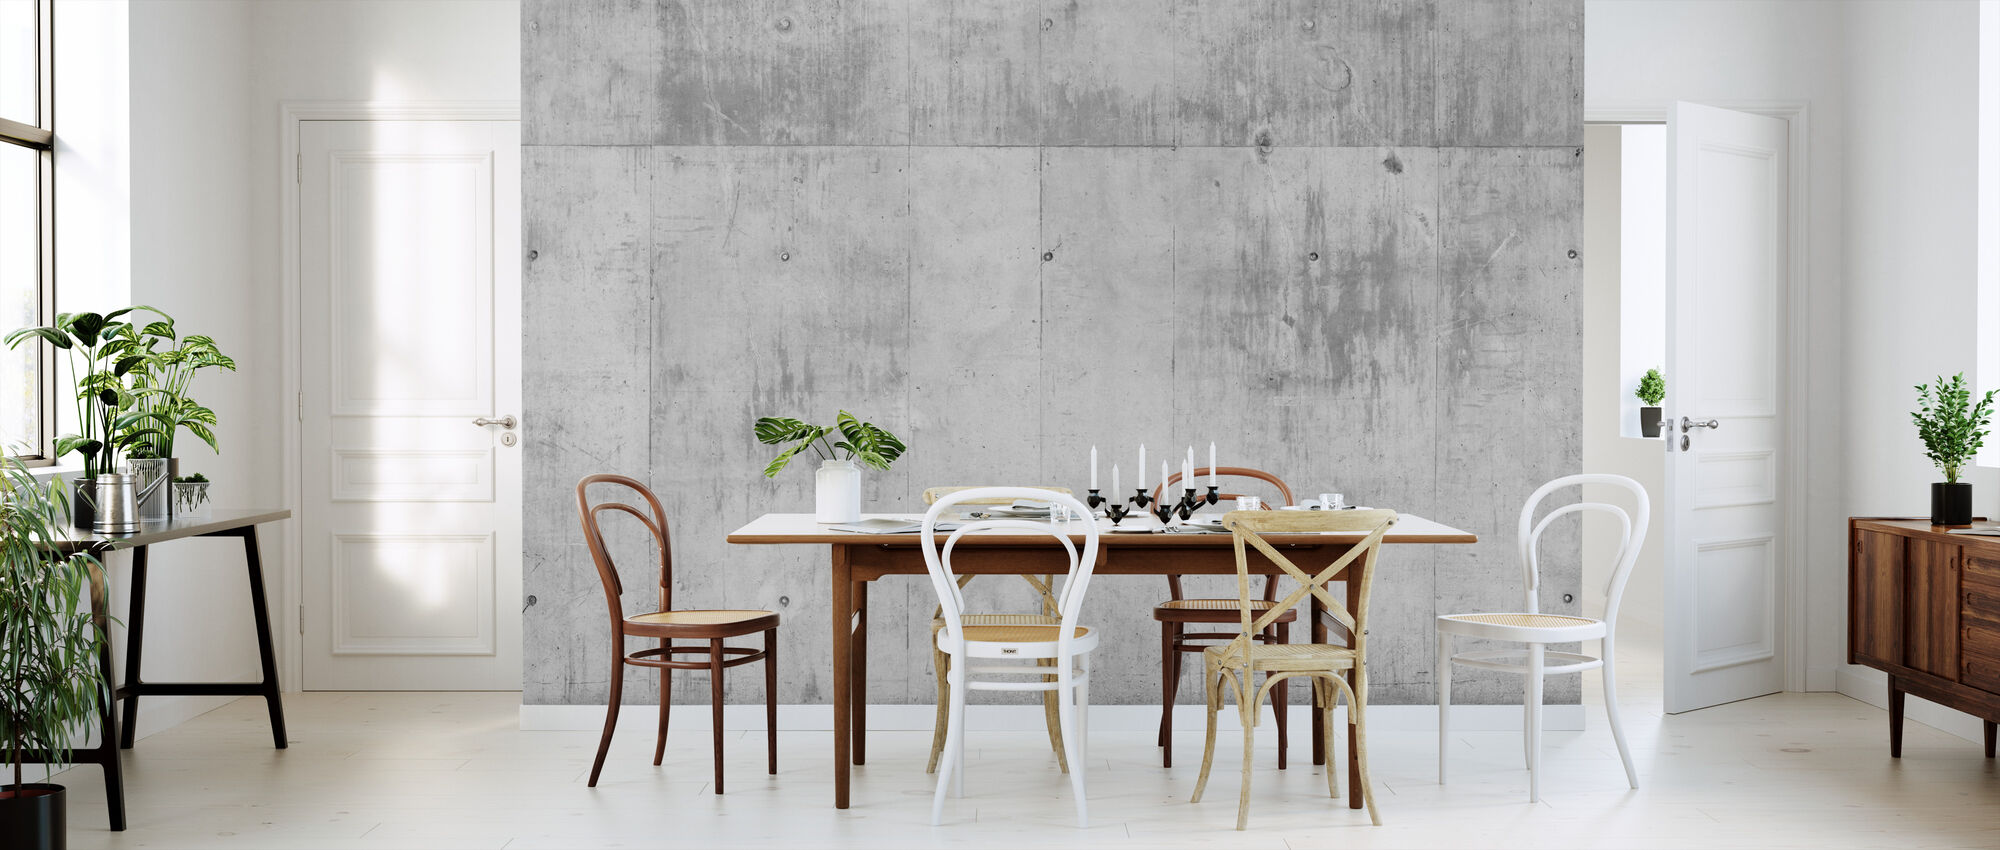 Concrete Wall - Wallpaper - Kitchen